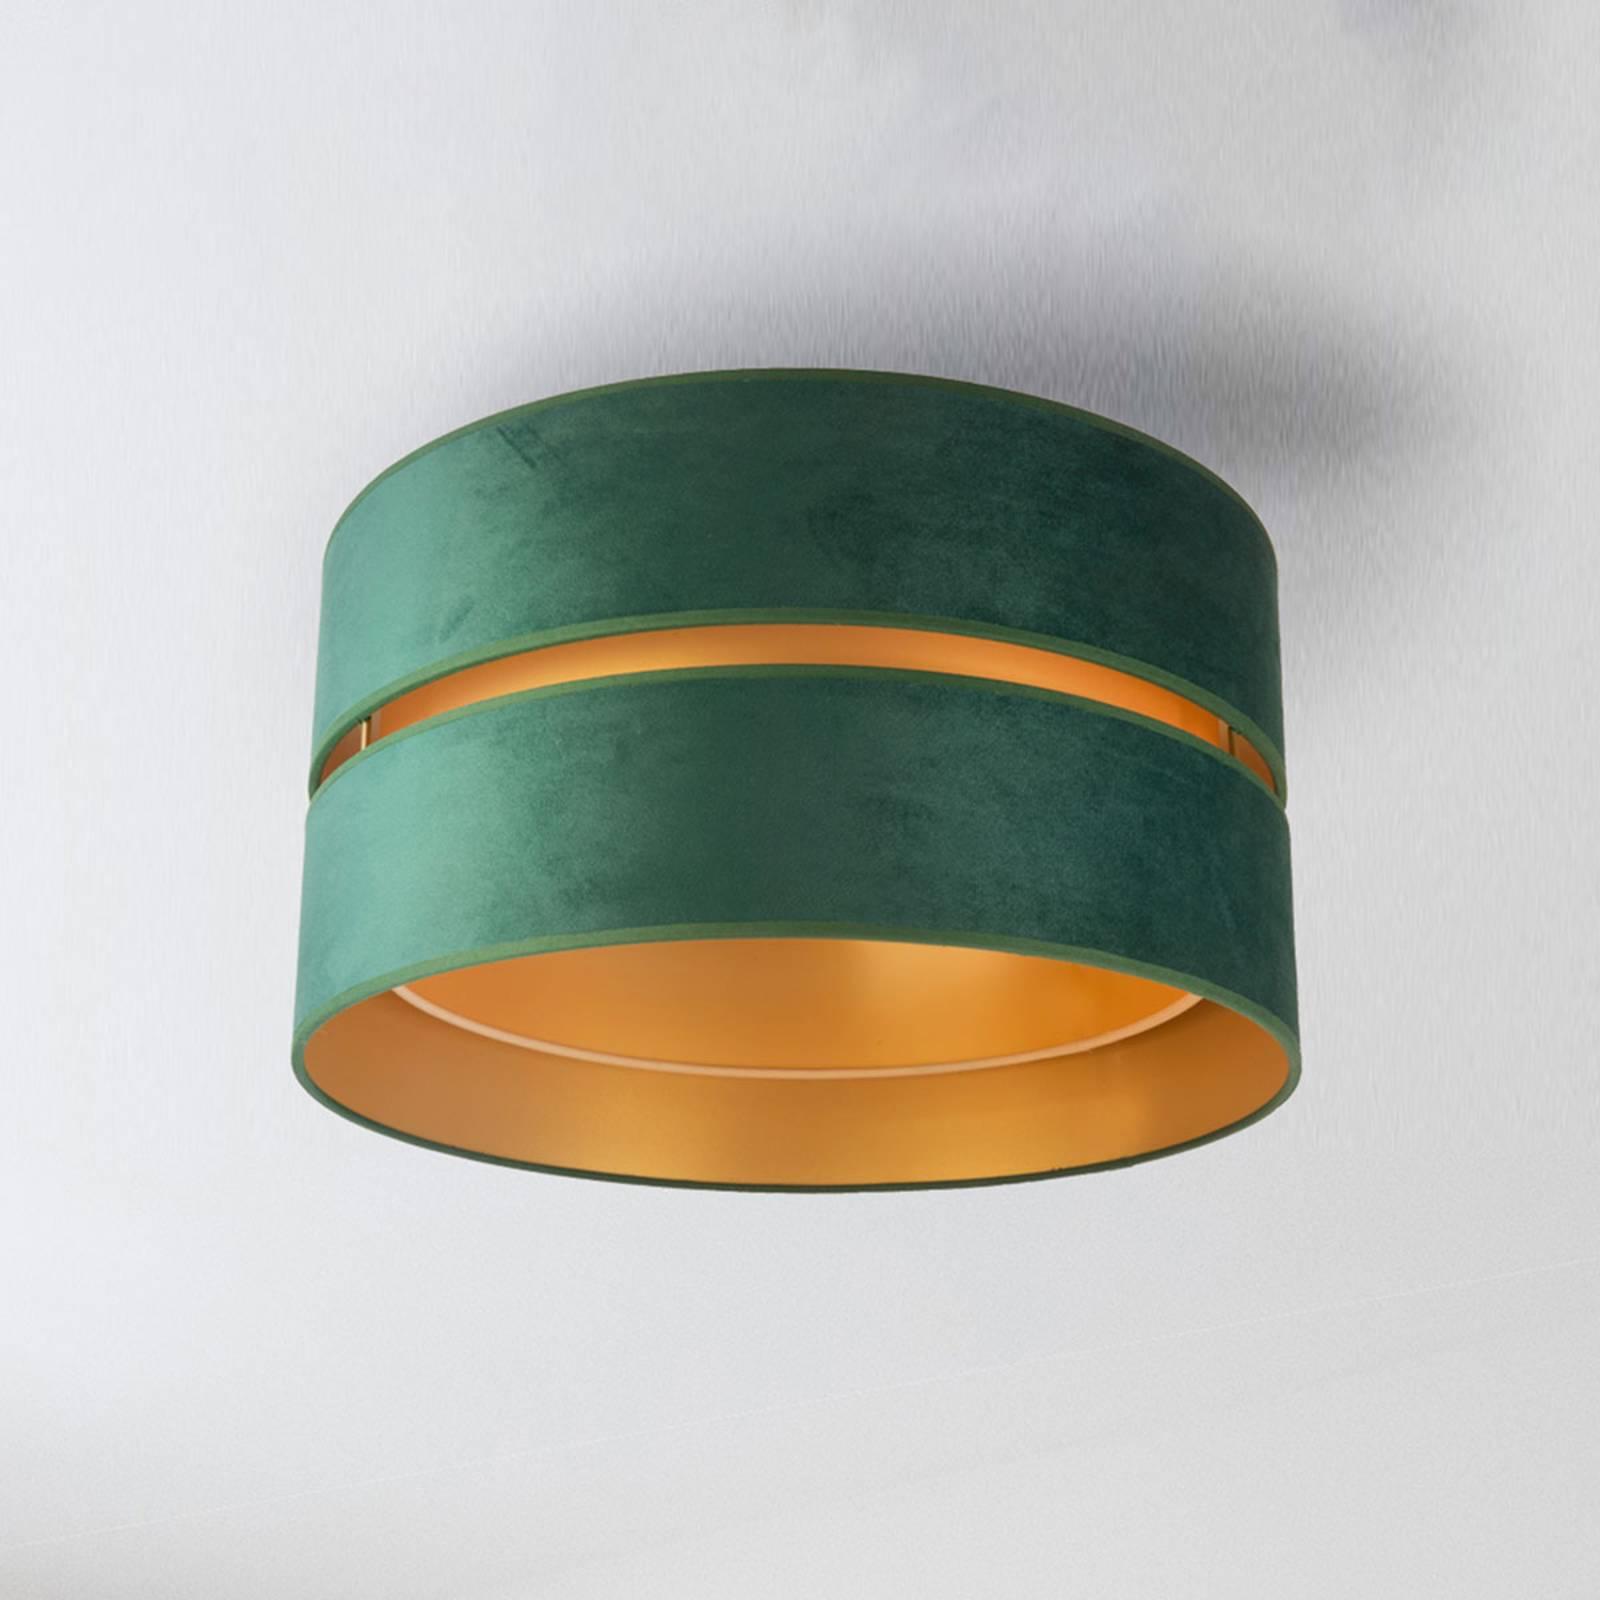 Deckenleuchte Duo aus Textil, grün/gold